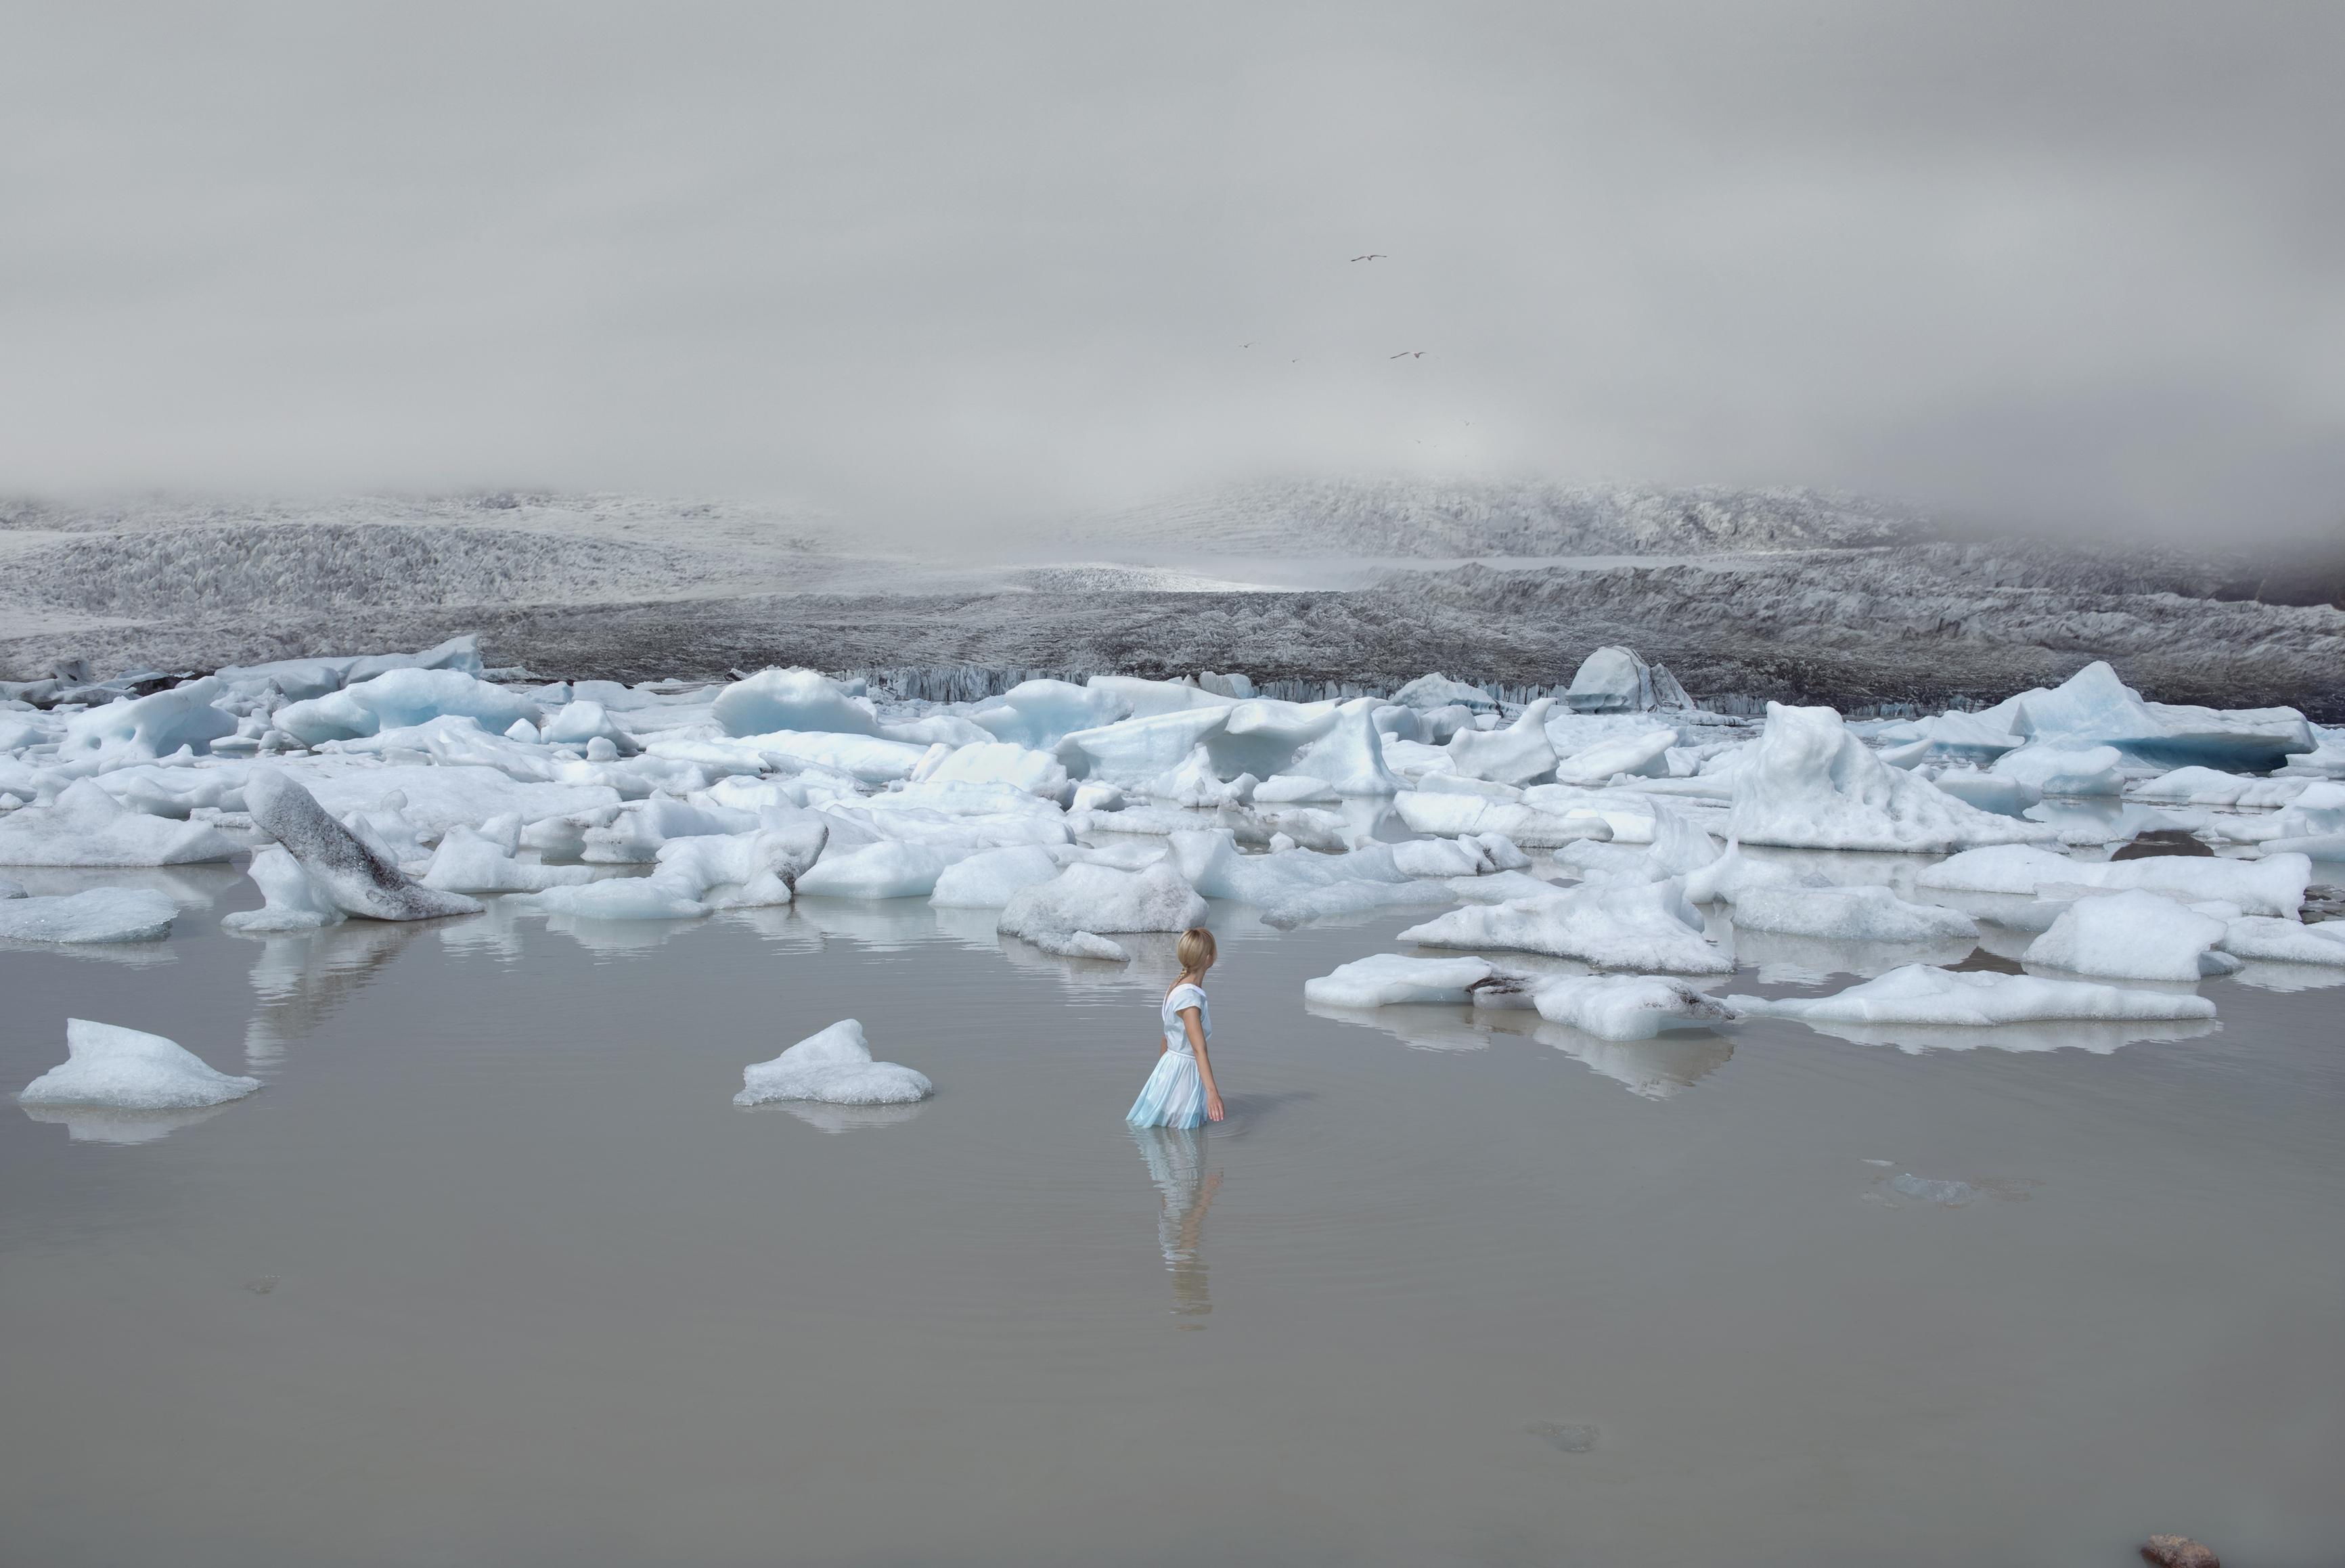 Ann Eringstam - In search of wonderland 3